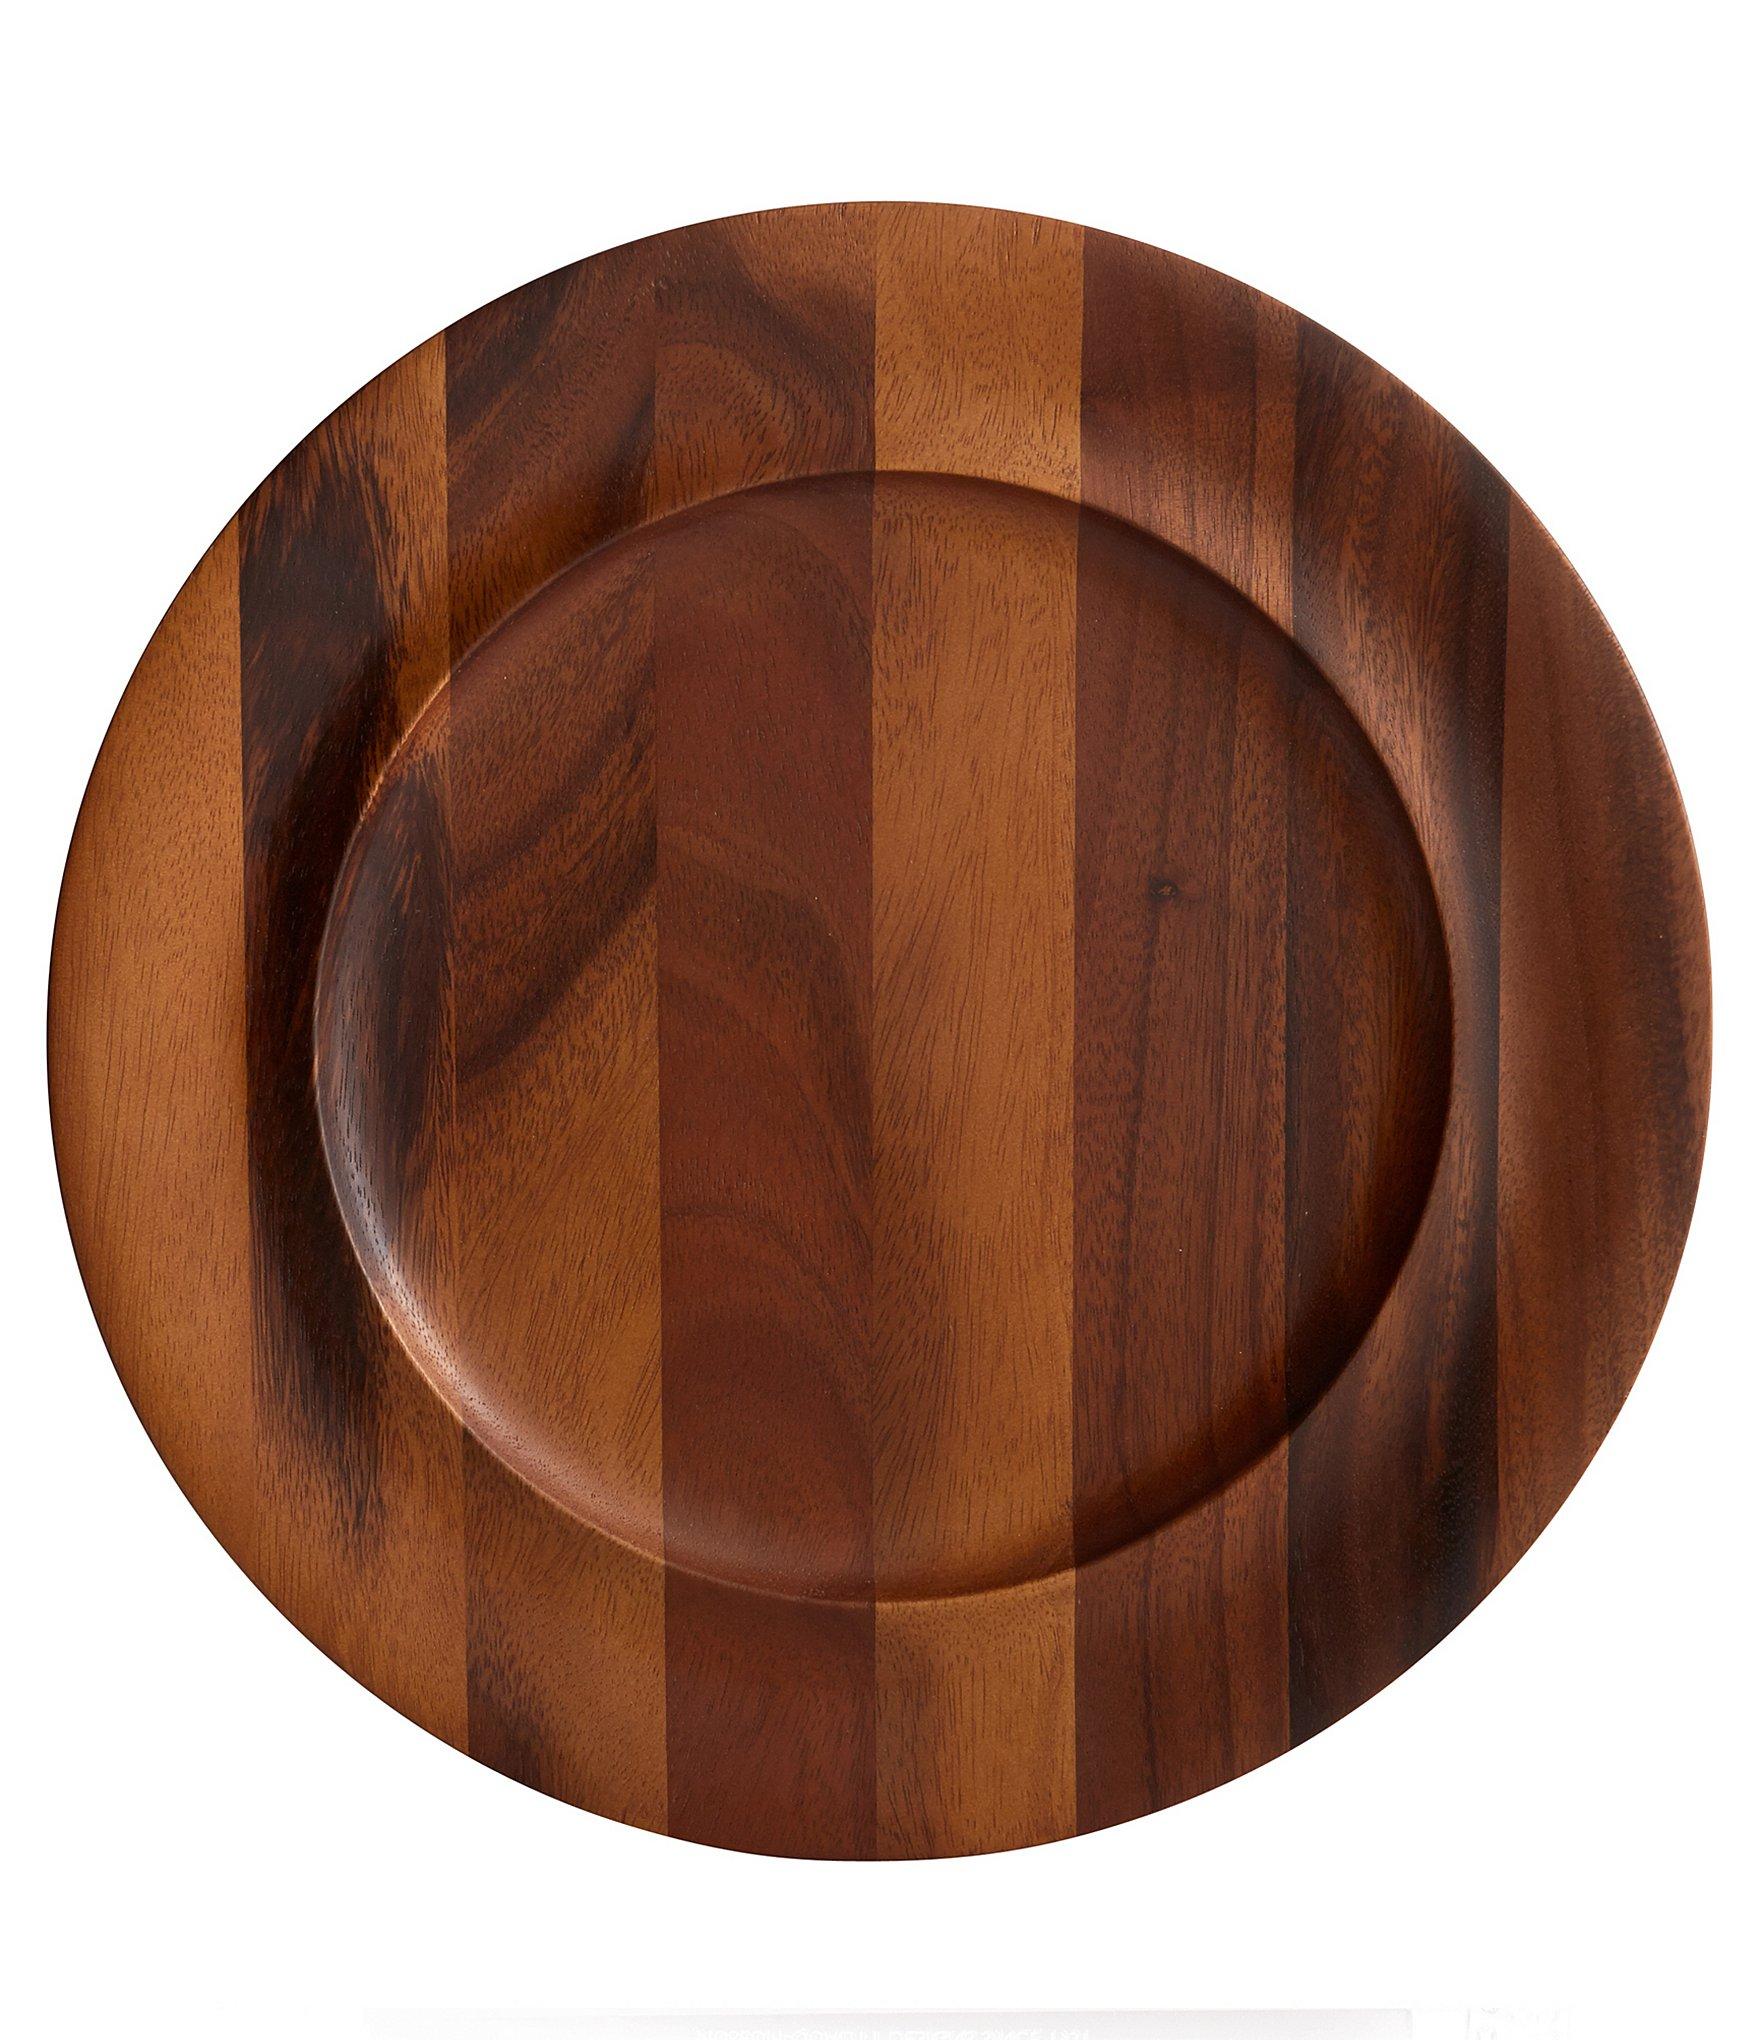 Acacia Wood Plates : Nambe skye acacia wood charger plate dillards